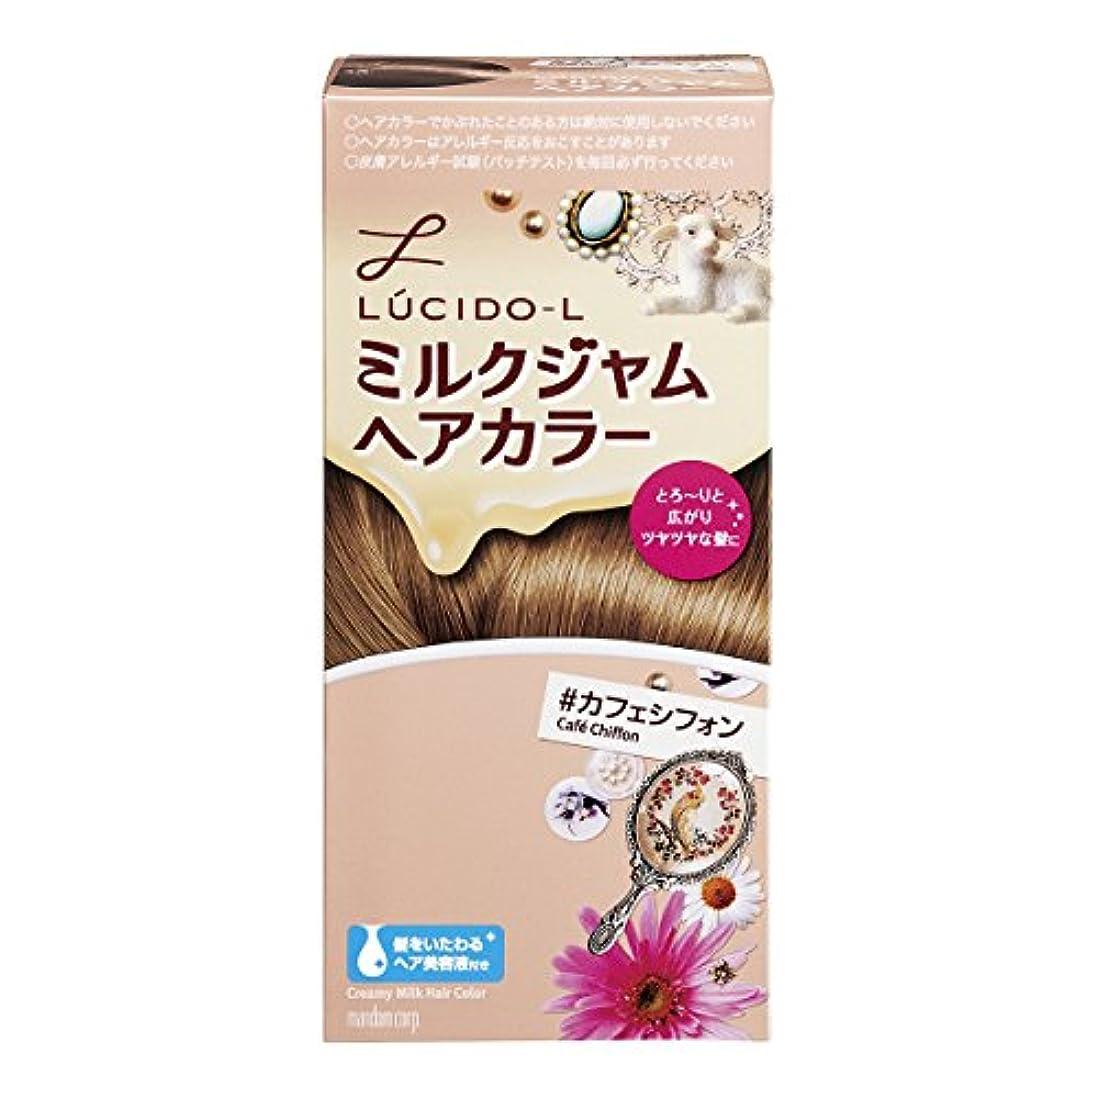 心配する想像力豊かな土器LUCIDO-L (ルシードエル) ミルクジャムヘアカラー #カフェシフォン(医薬部外品) (1剤40g 2剤80mL TR5g)